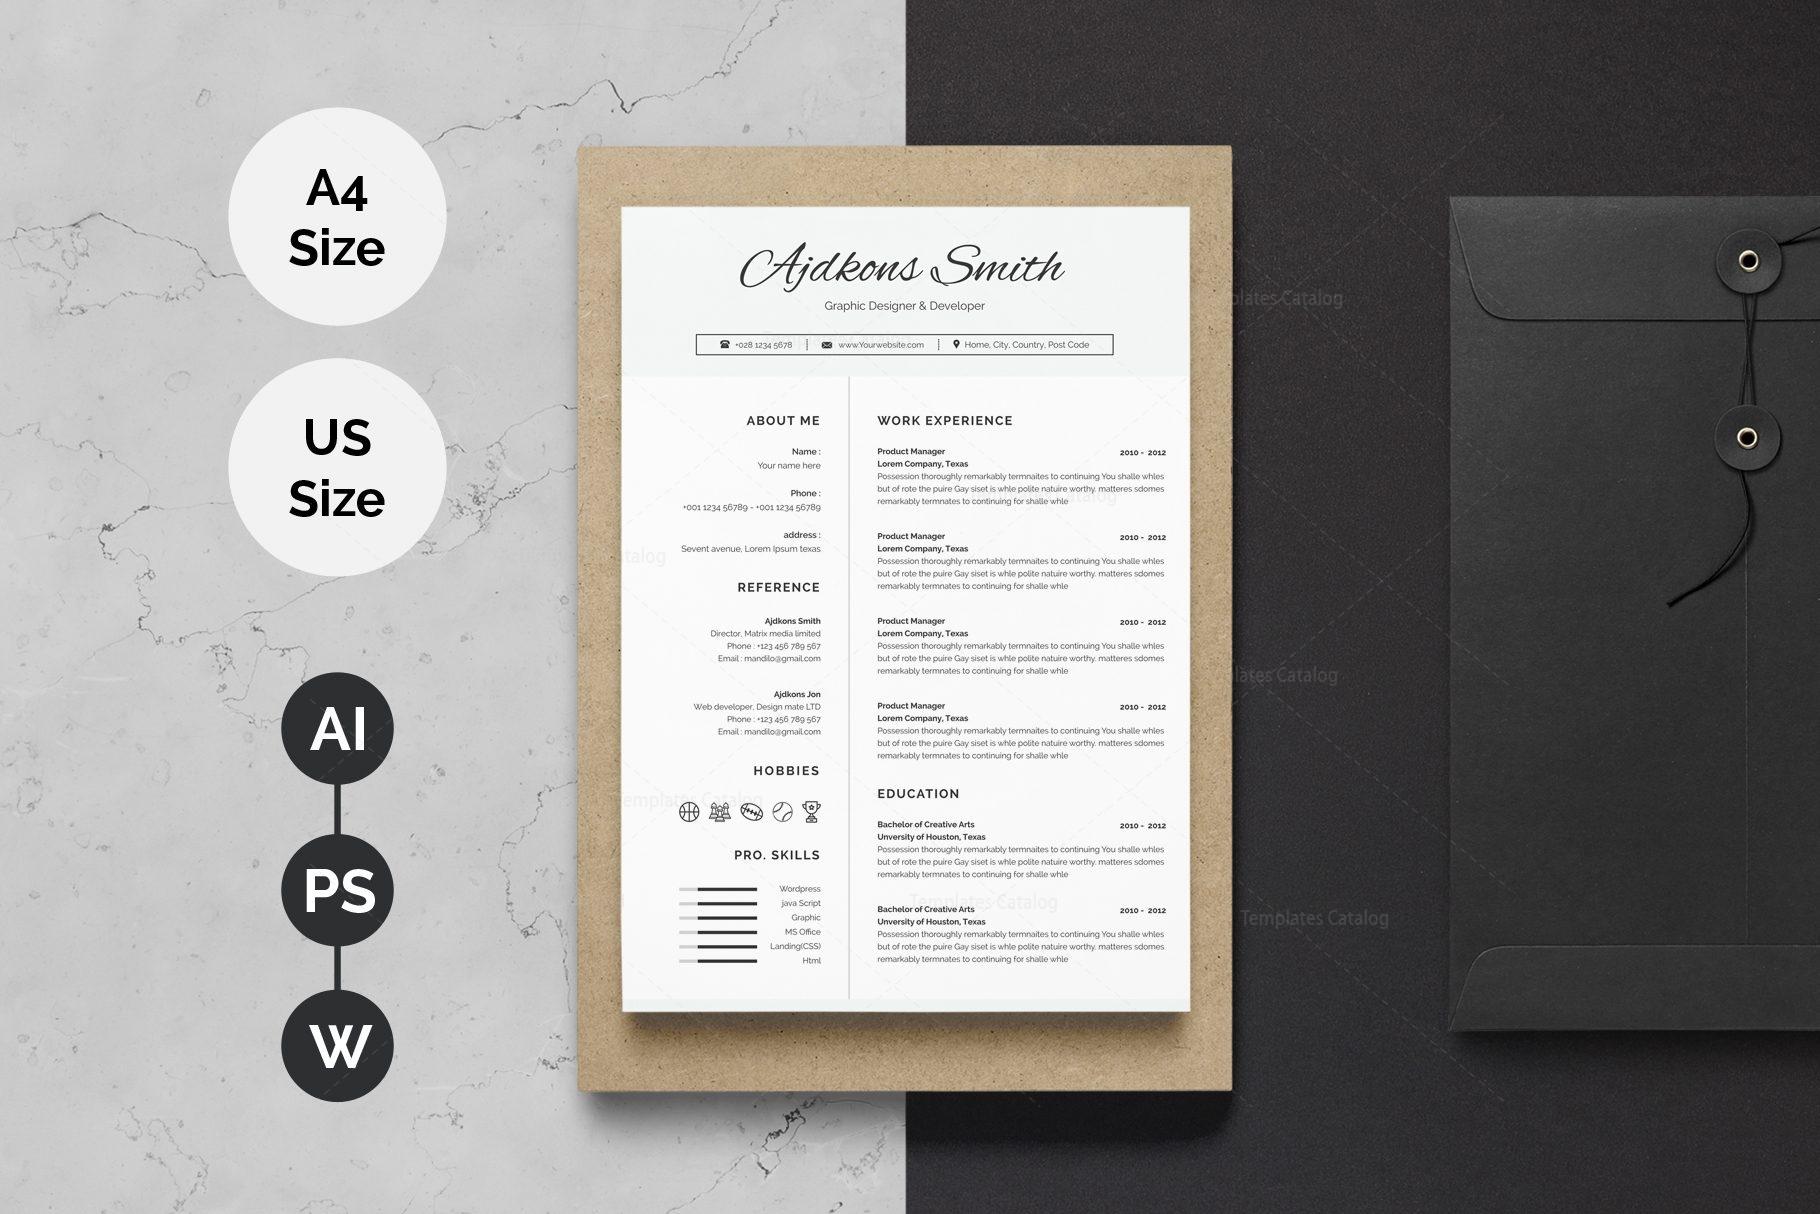 Stylish Resume Design